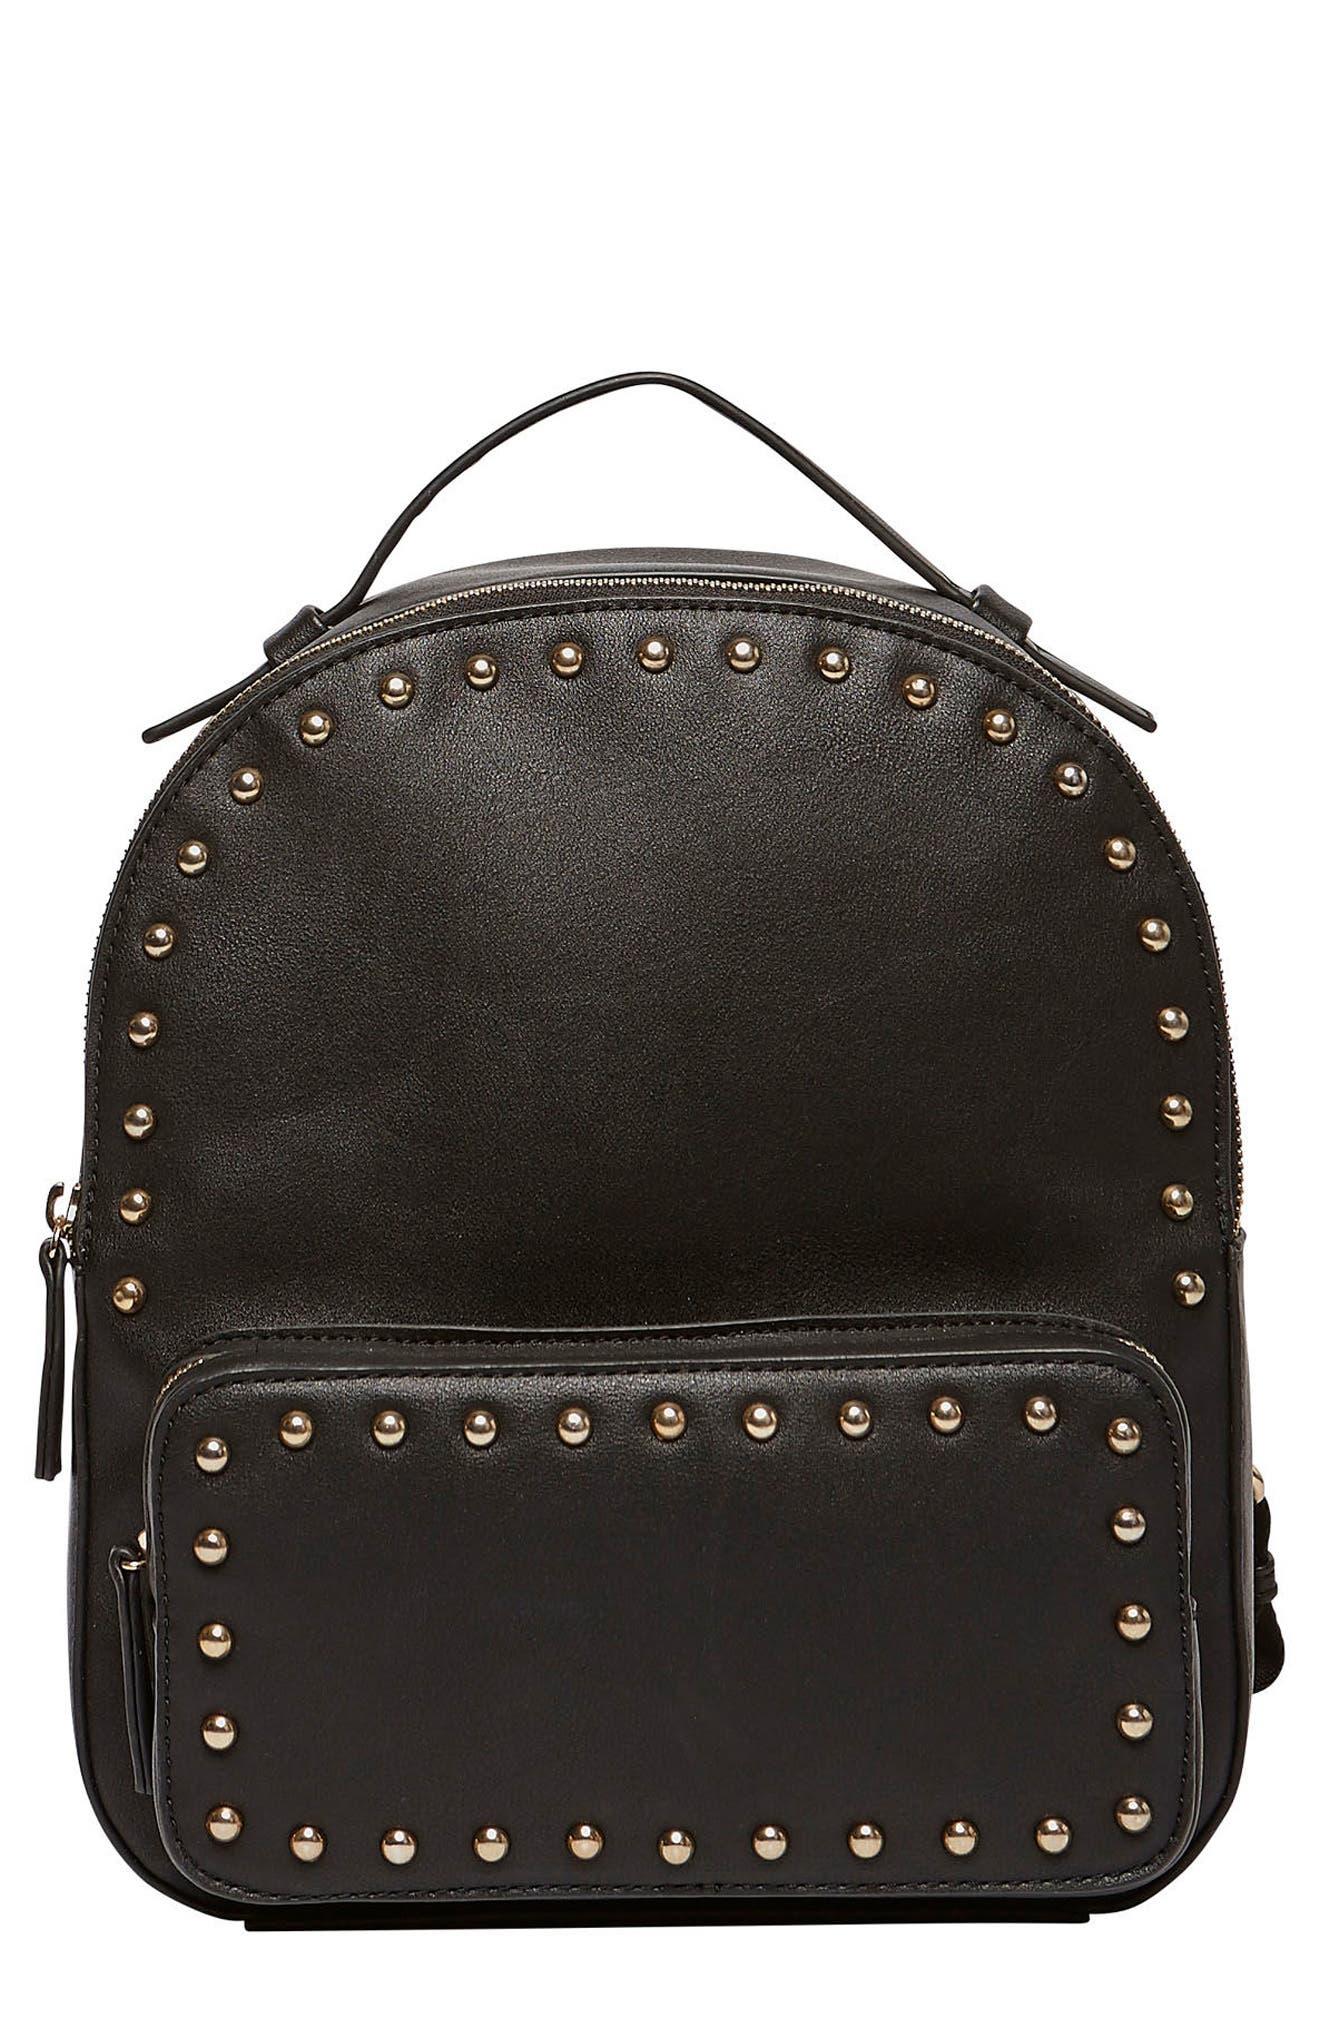 Main Image - Urban Originals Star Seeker Vegan Leather Backpack